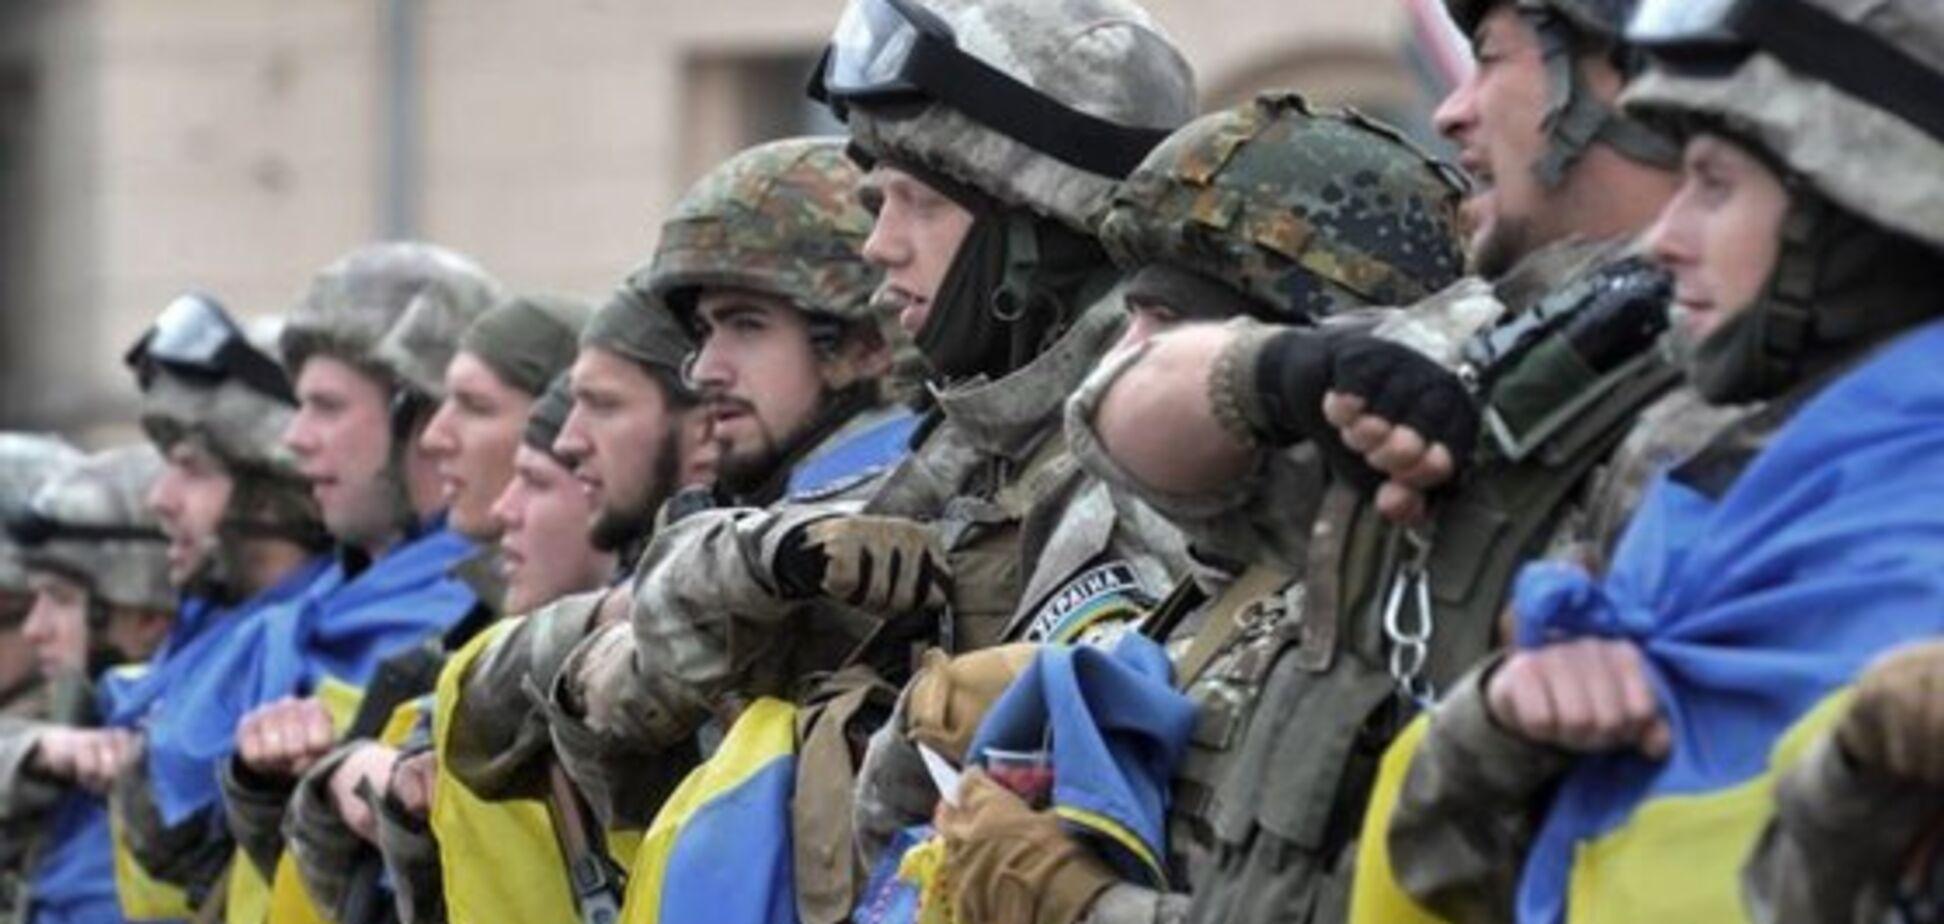 Стоим! ВСУ нанесли сокрушительный удар по 'Л/ДНР'